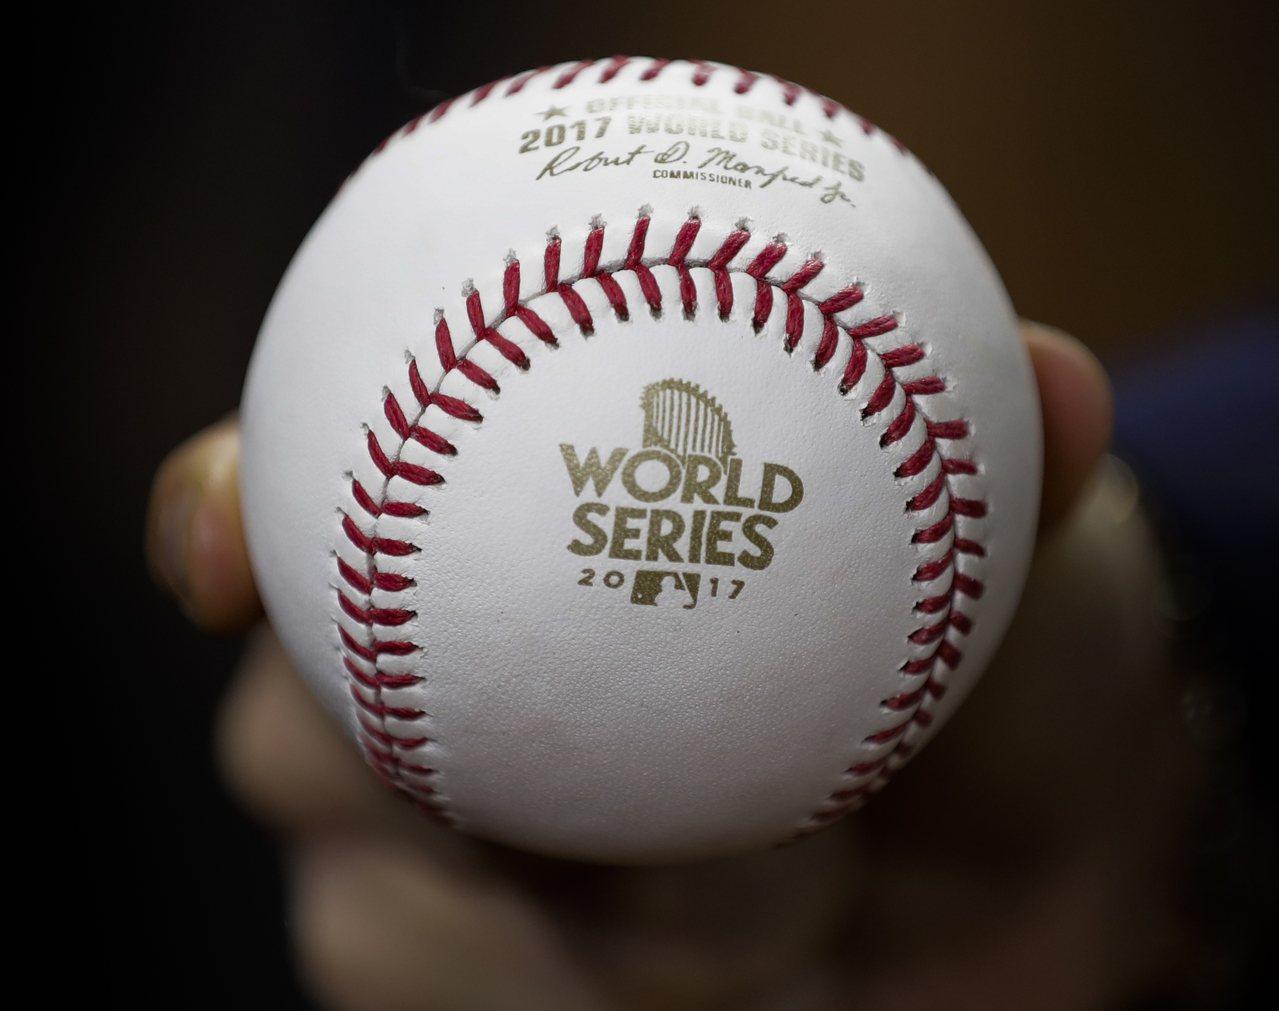 本屆世界大賽已是大聯盟史上棒球飛出全壘打牆次數最多的系列賽,因此大聯盟使用彈力球...